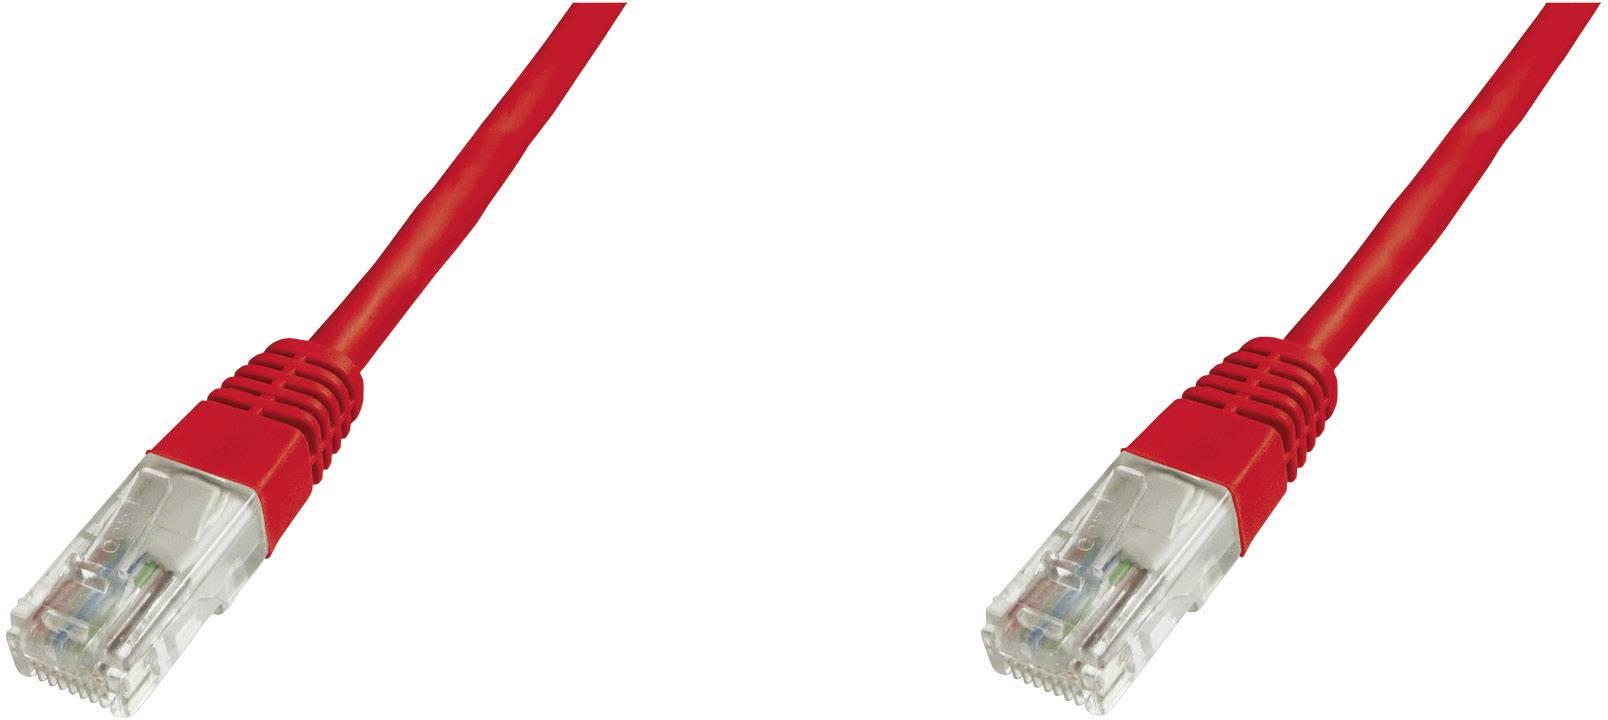 Sieťový kábel RJ45 Digitus Professional DK-1511-030/R, CAT 5e, U/UTP, 3 m, červená